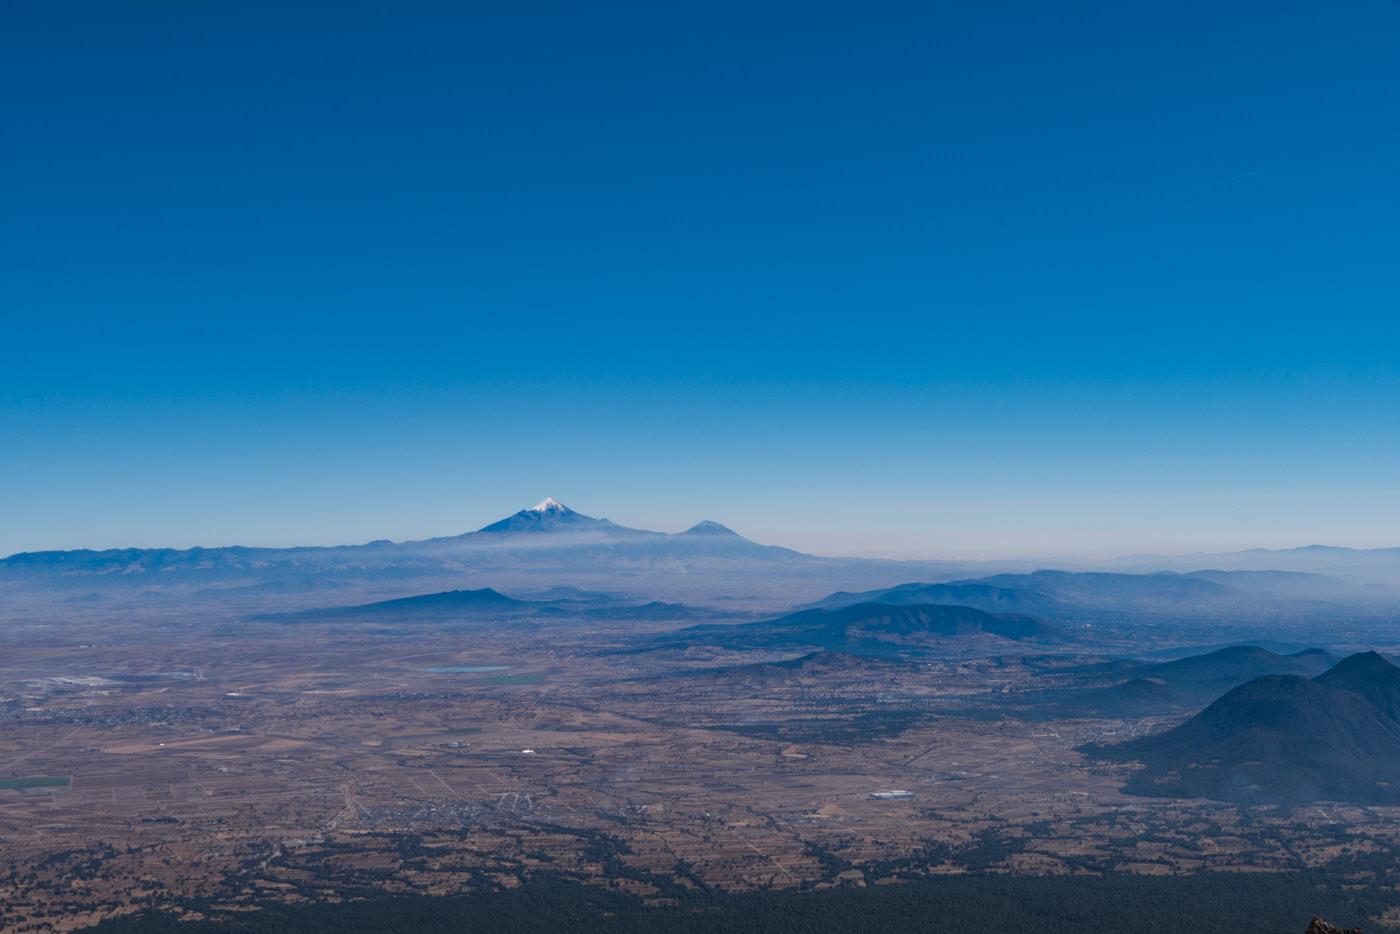 Ausblick vom Vulkan La Malinche in Puebla